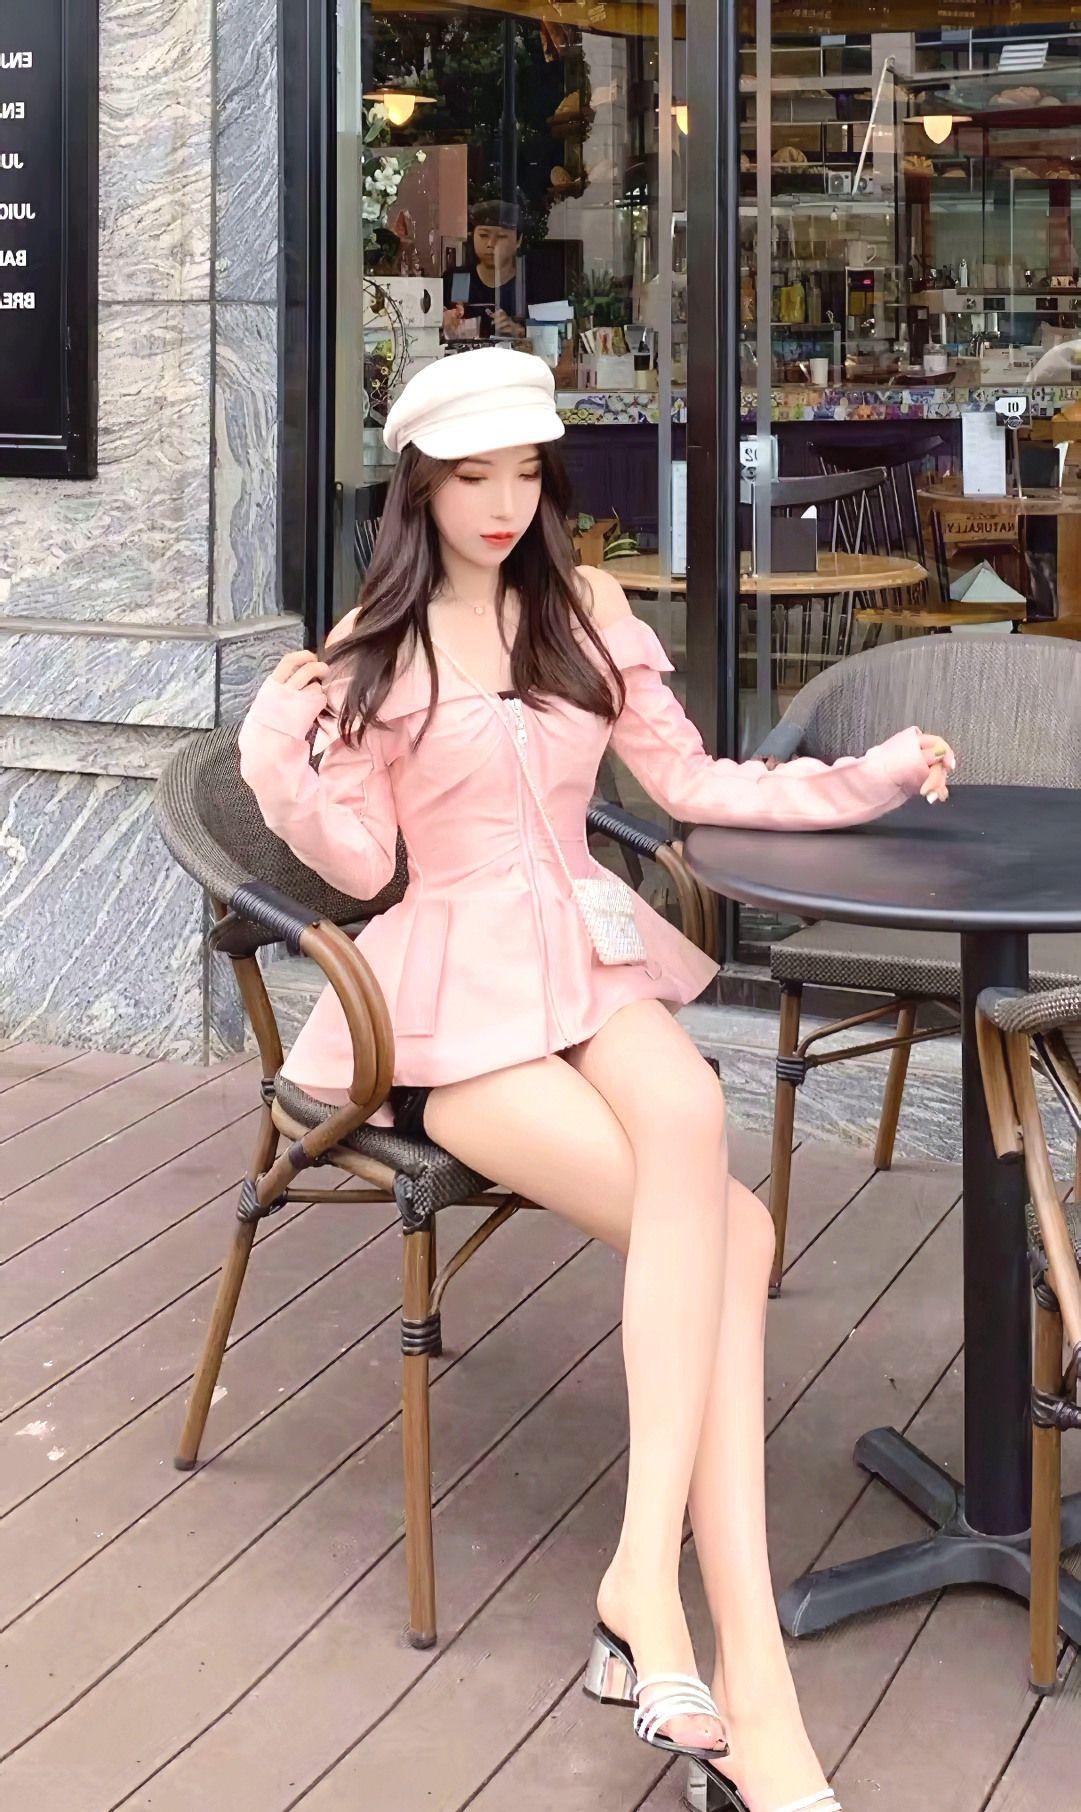 街拍:美女粉色一字肩皮衣搭配短裤,做初春的粉嫩少女